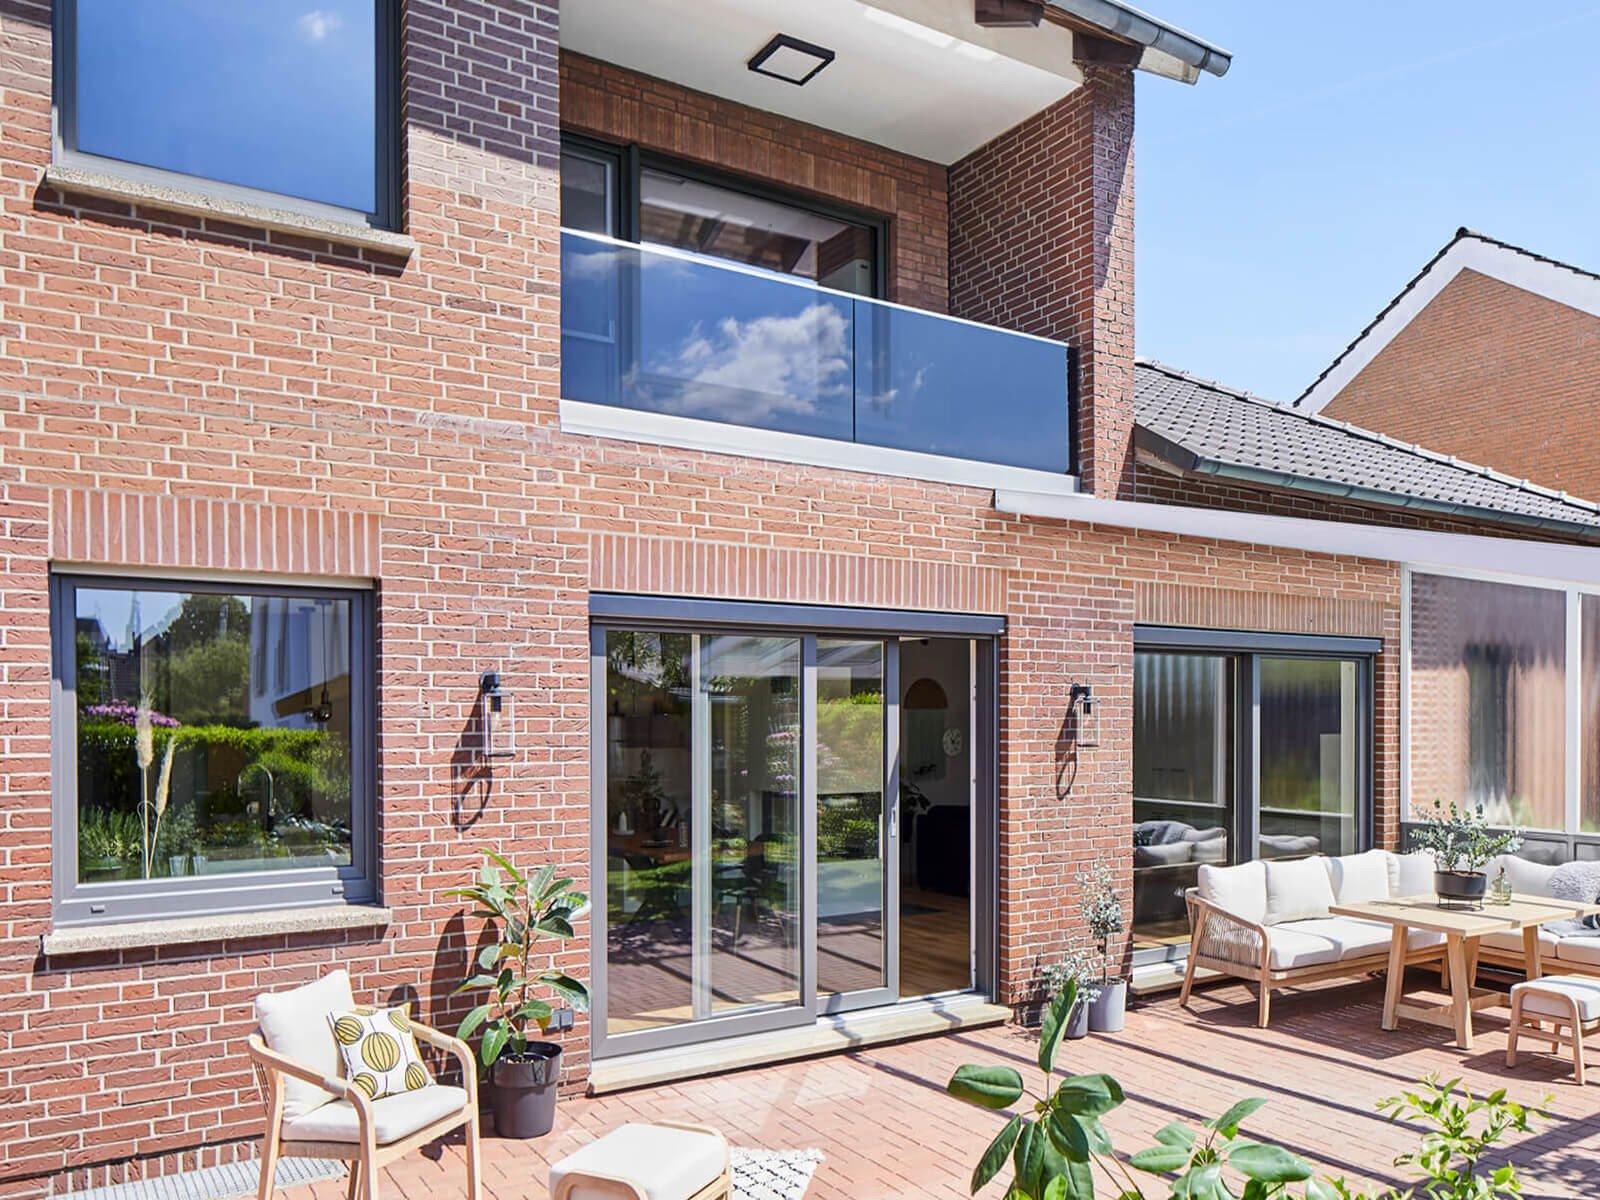 Hochwertiges modernes Glasrailing DELGADO als Absturzsicherung für Balkon mit AbP